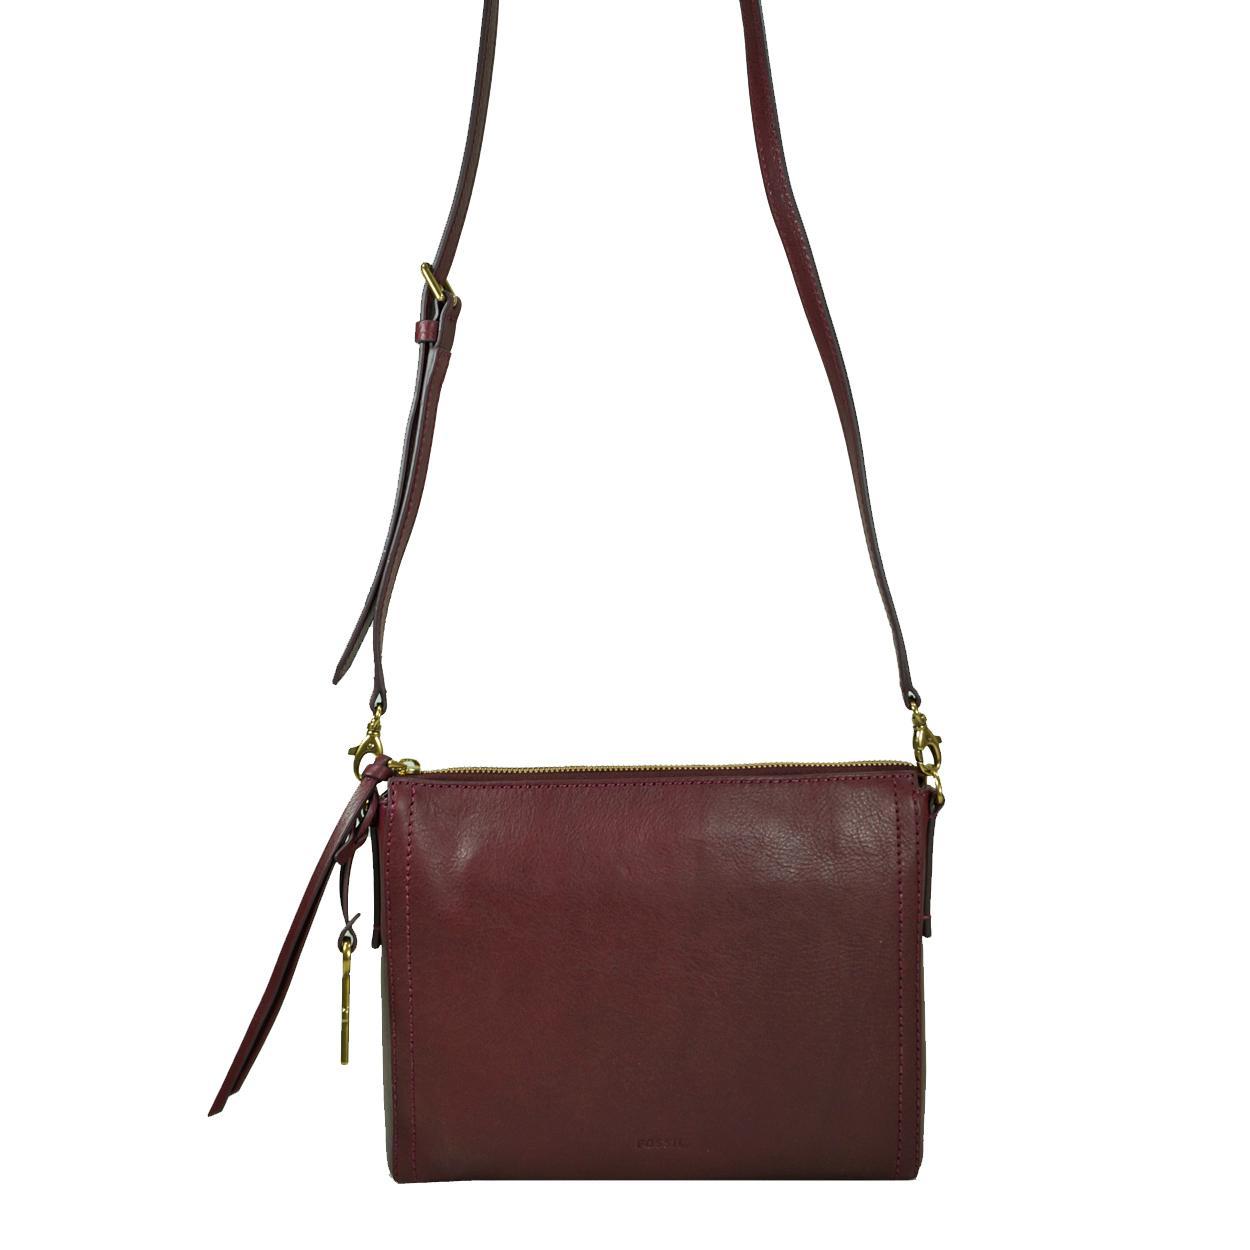 Emma Crossbody Rot Damen Handtasche Tasche Schultertasche Leder Umhängetasche Schulter Umhänge Taschen Fossil 4ckpwf1m